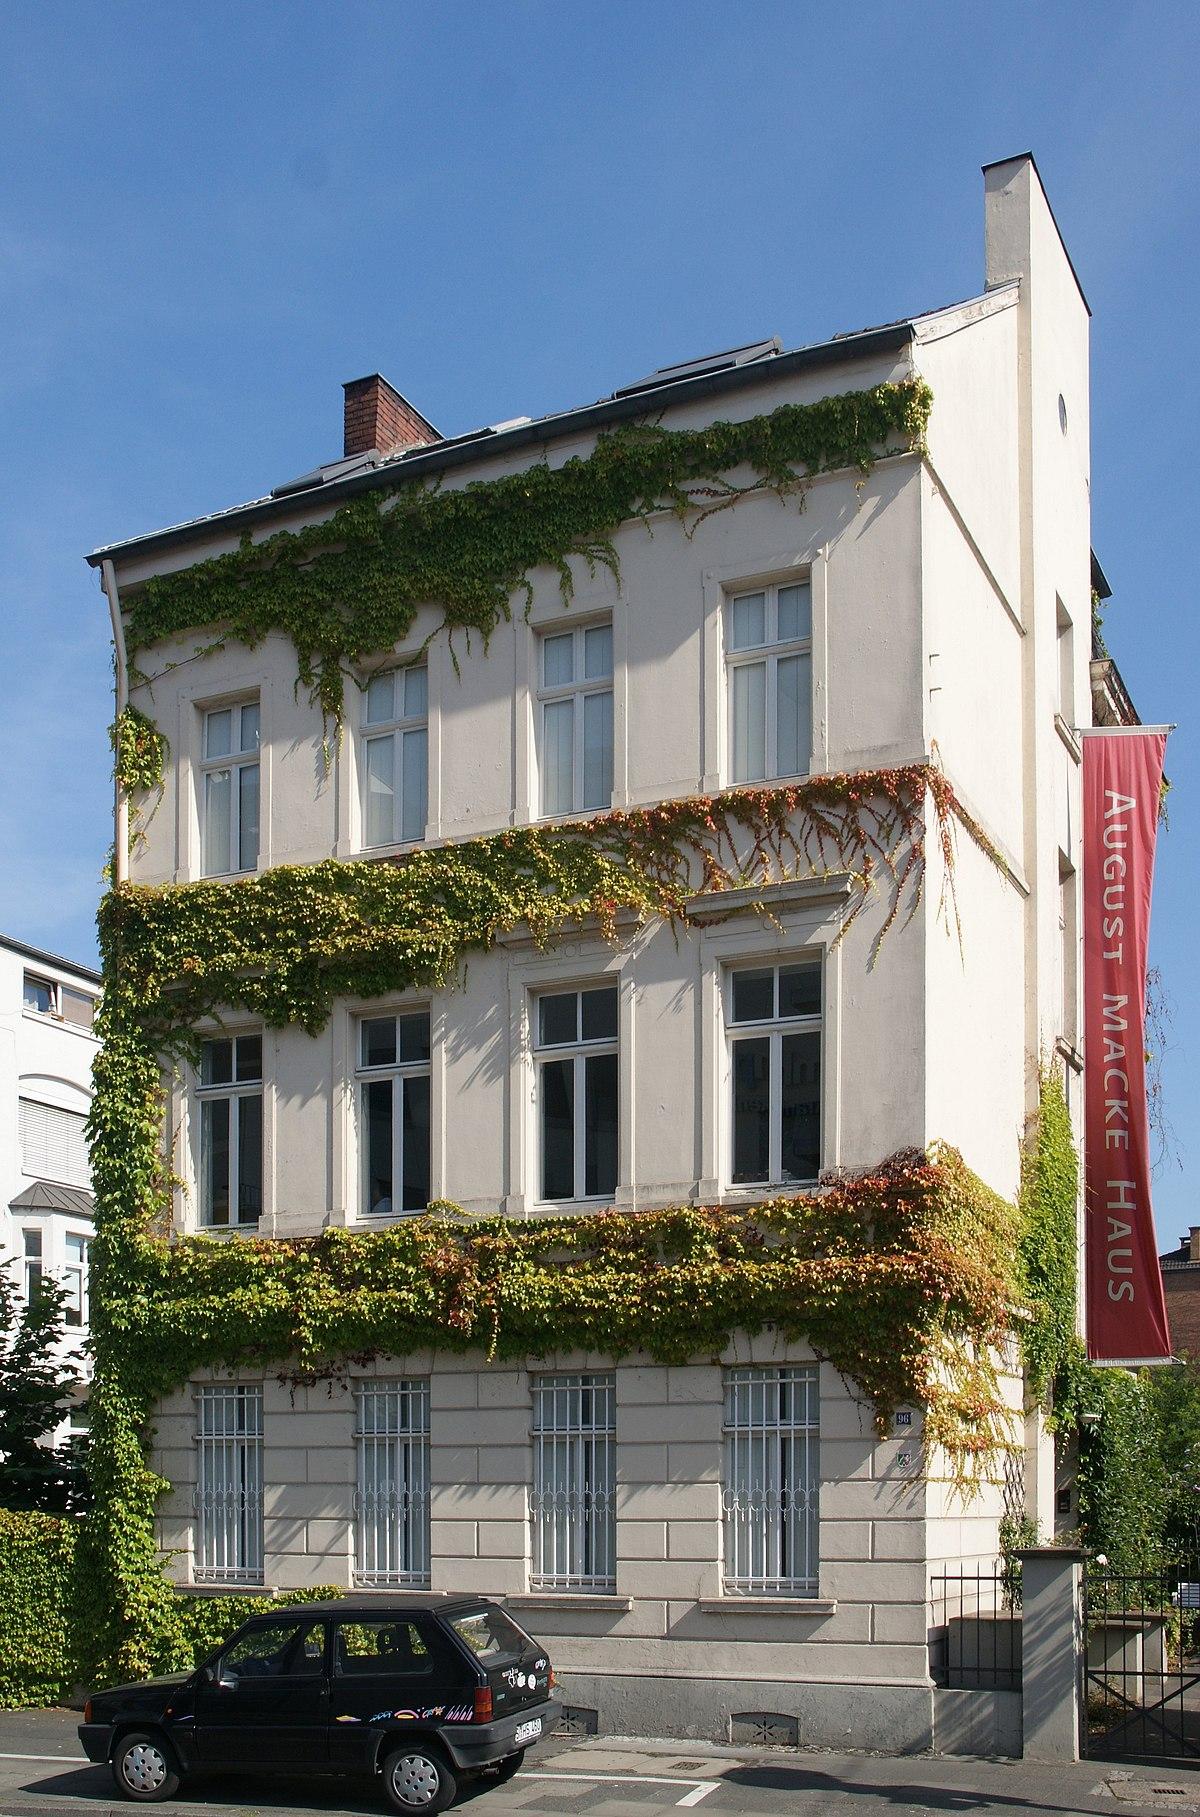 August Macke Haus